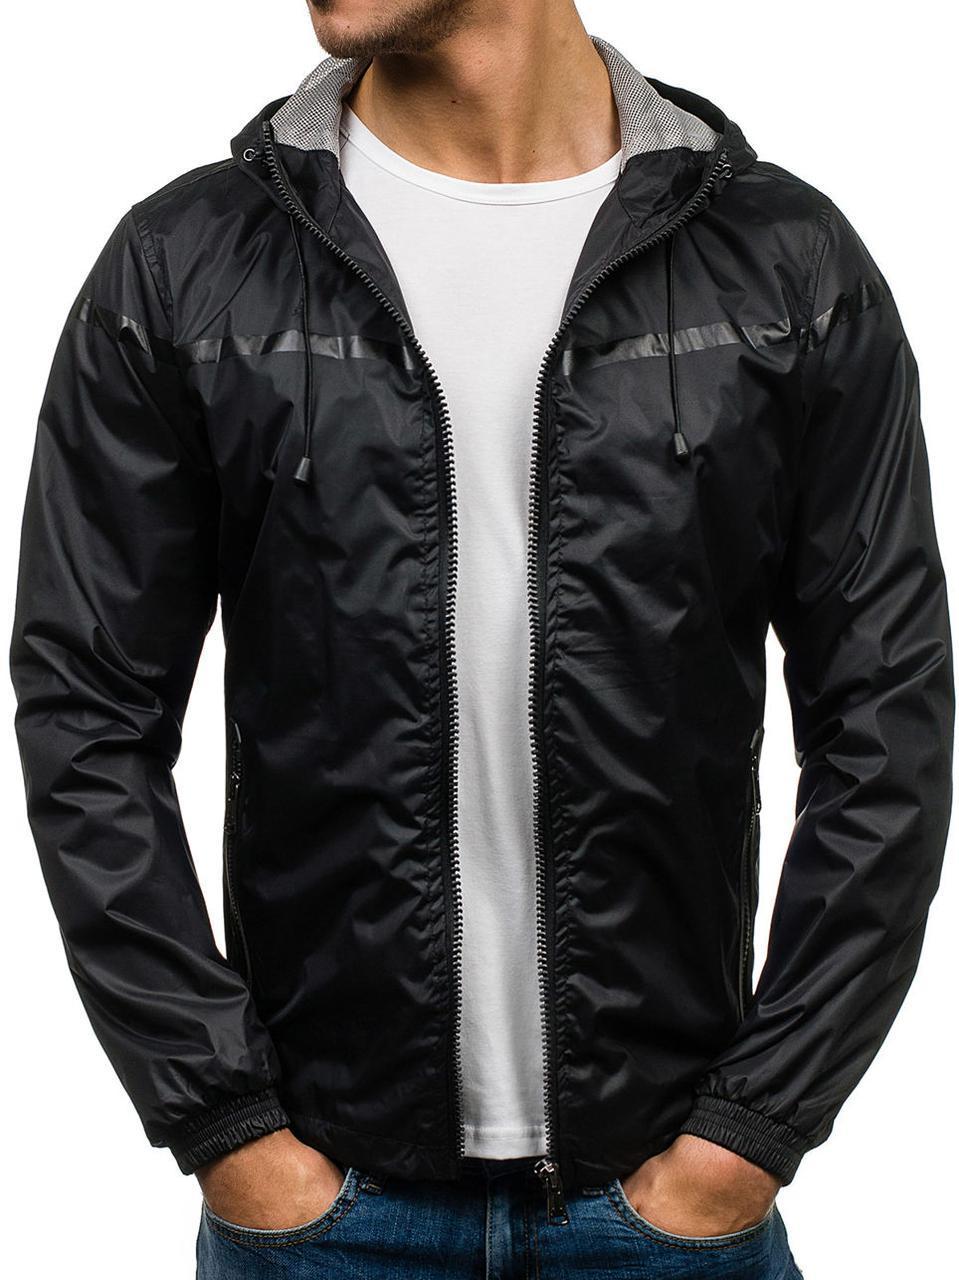 Мужская  спортивная демисезонная куртка ветровка 2 цвета